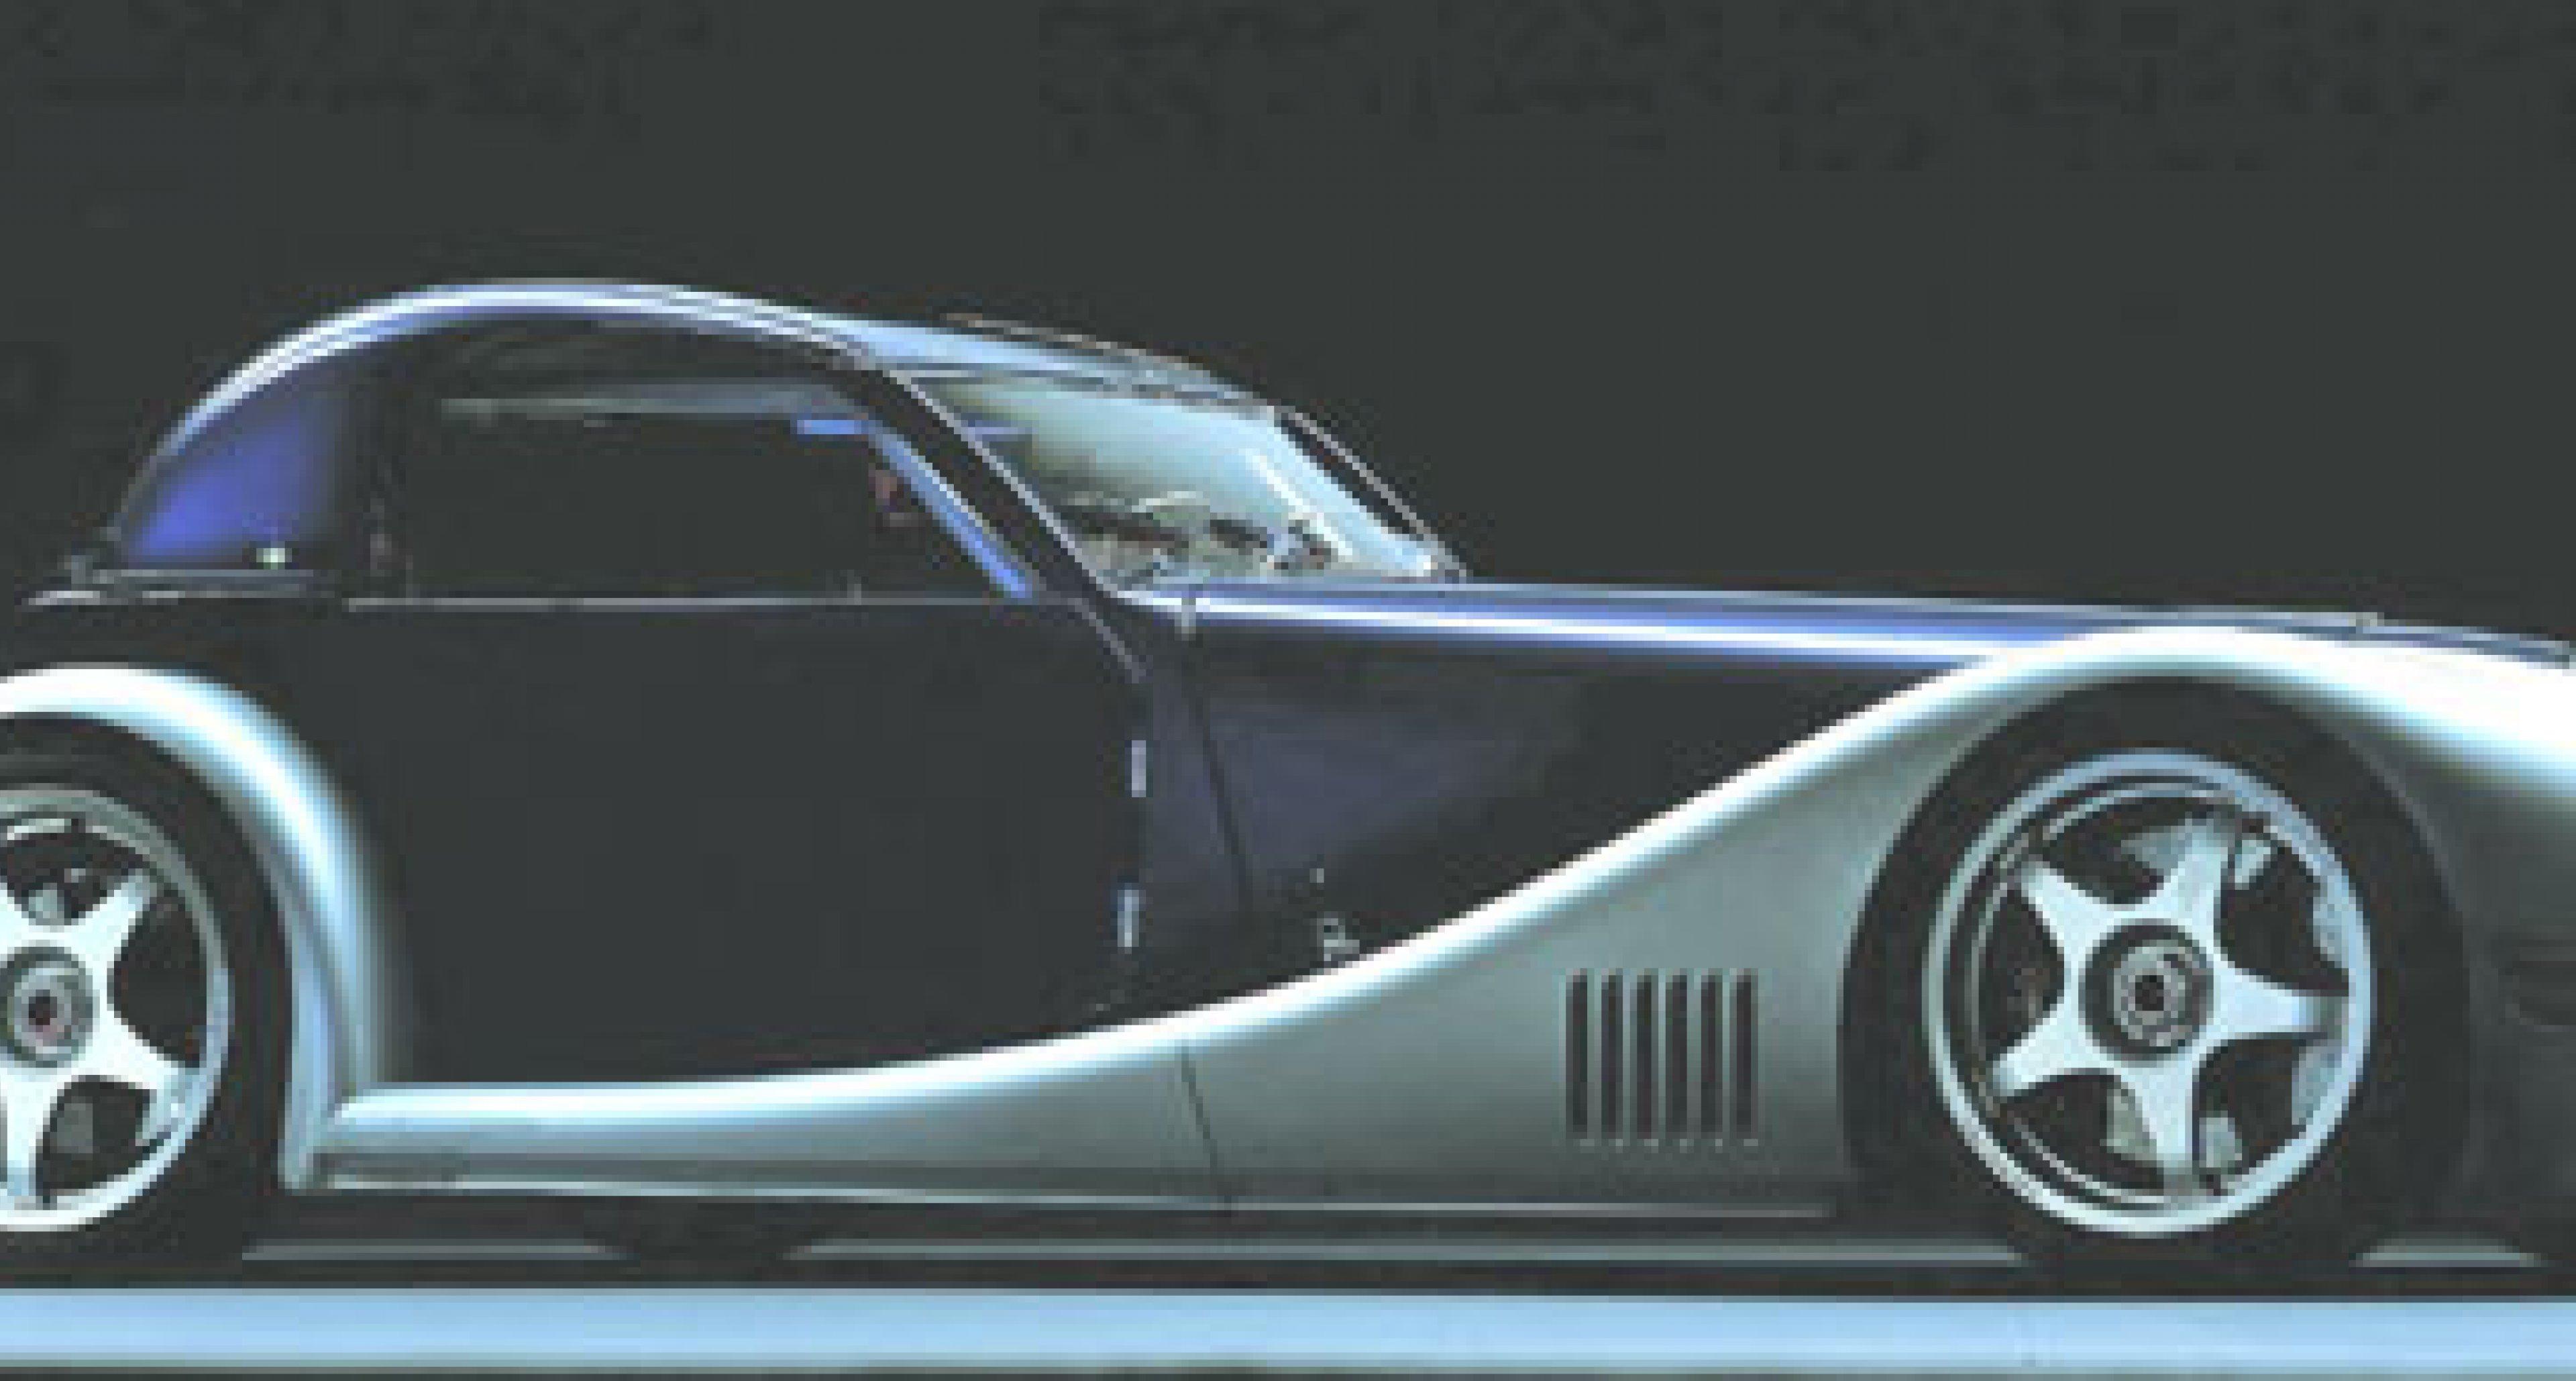 Morgan announces Limited Edition Aero 8 GT Coupé